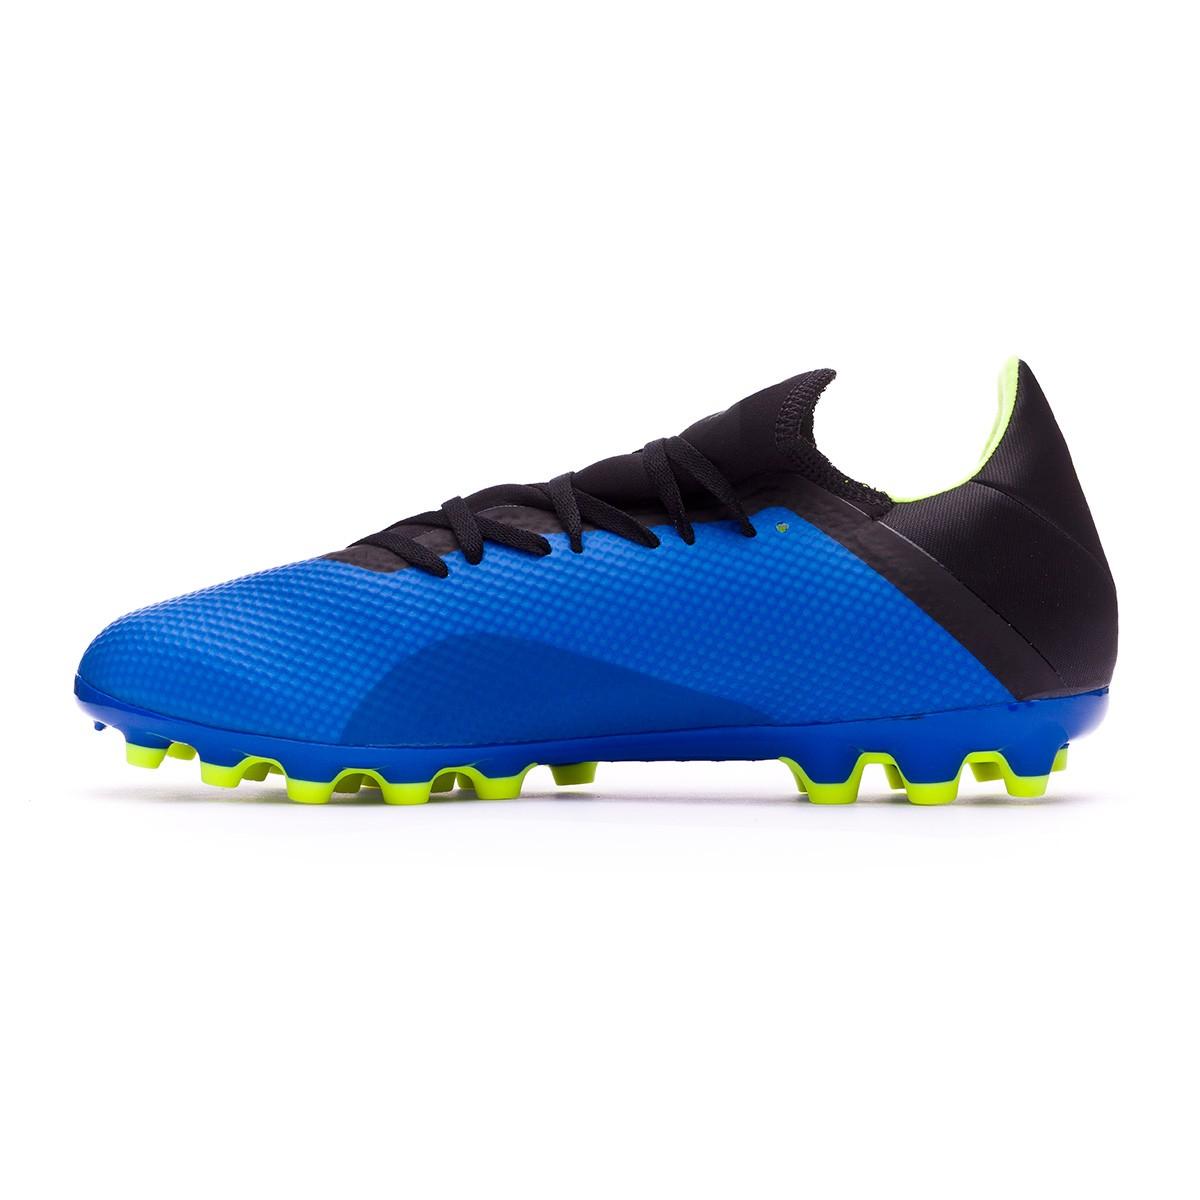 Chaussure de foot adidas X 18.3 AG